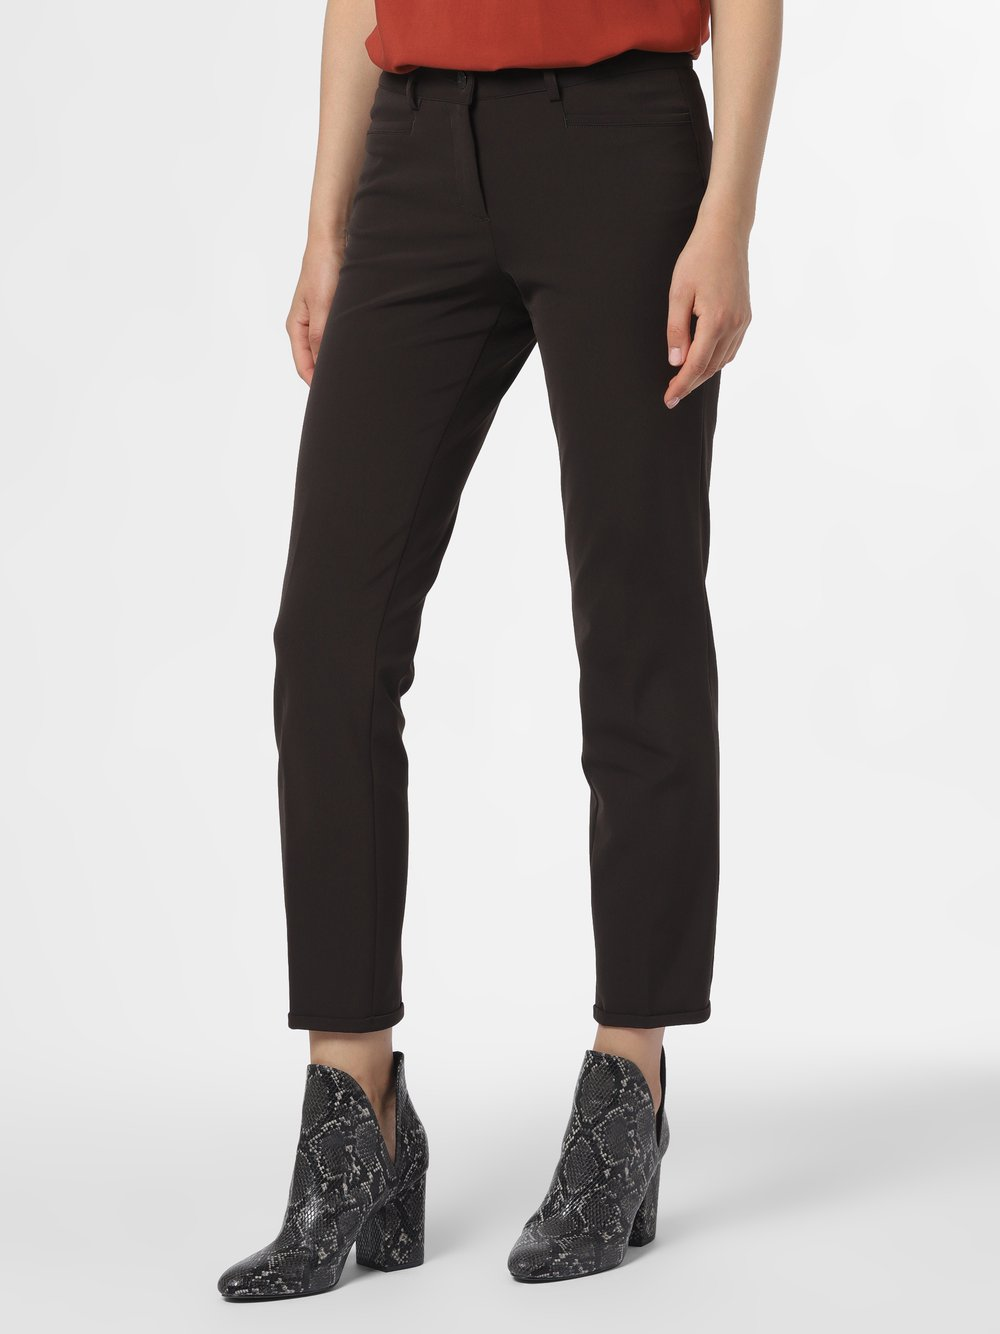 Cambio - Spodnie damskie – Renira, brązowy